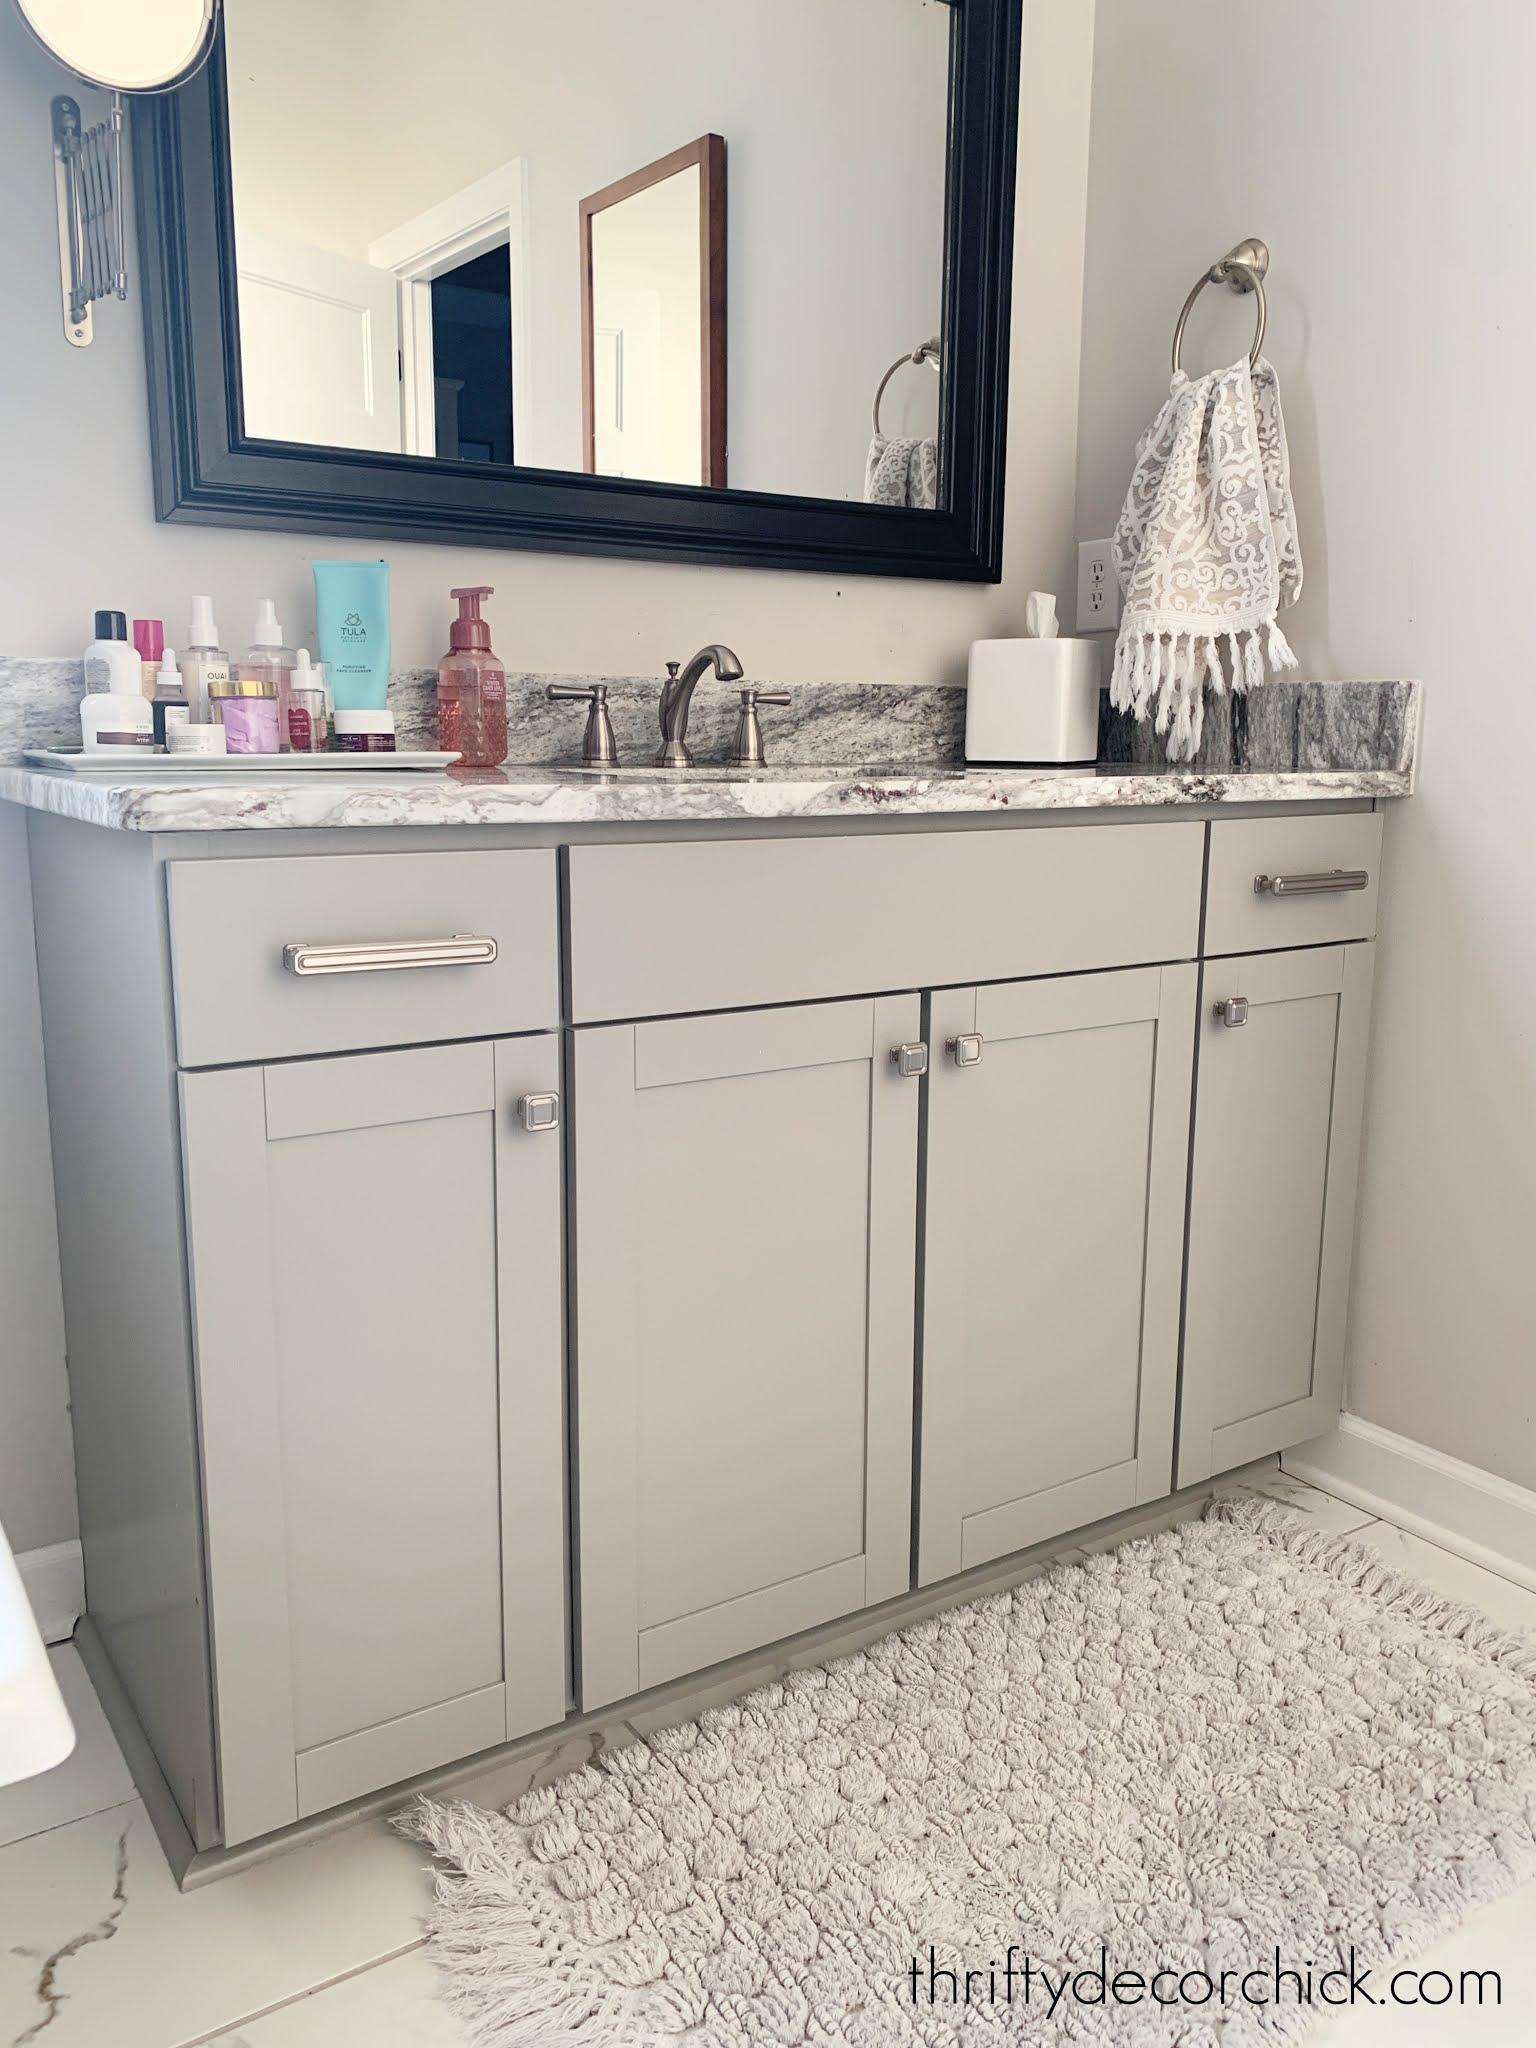 under the sink organization solution